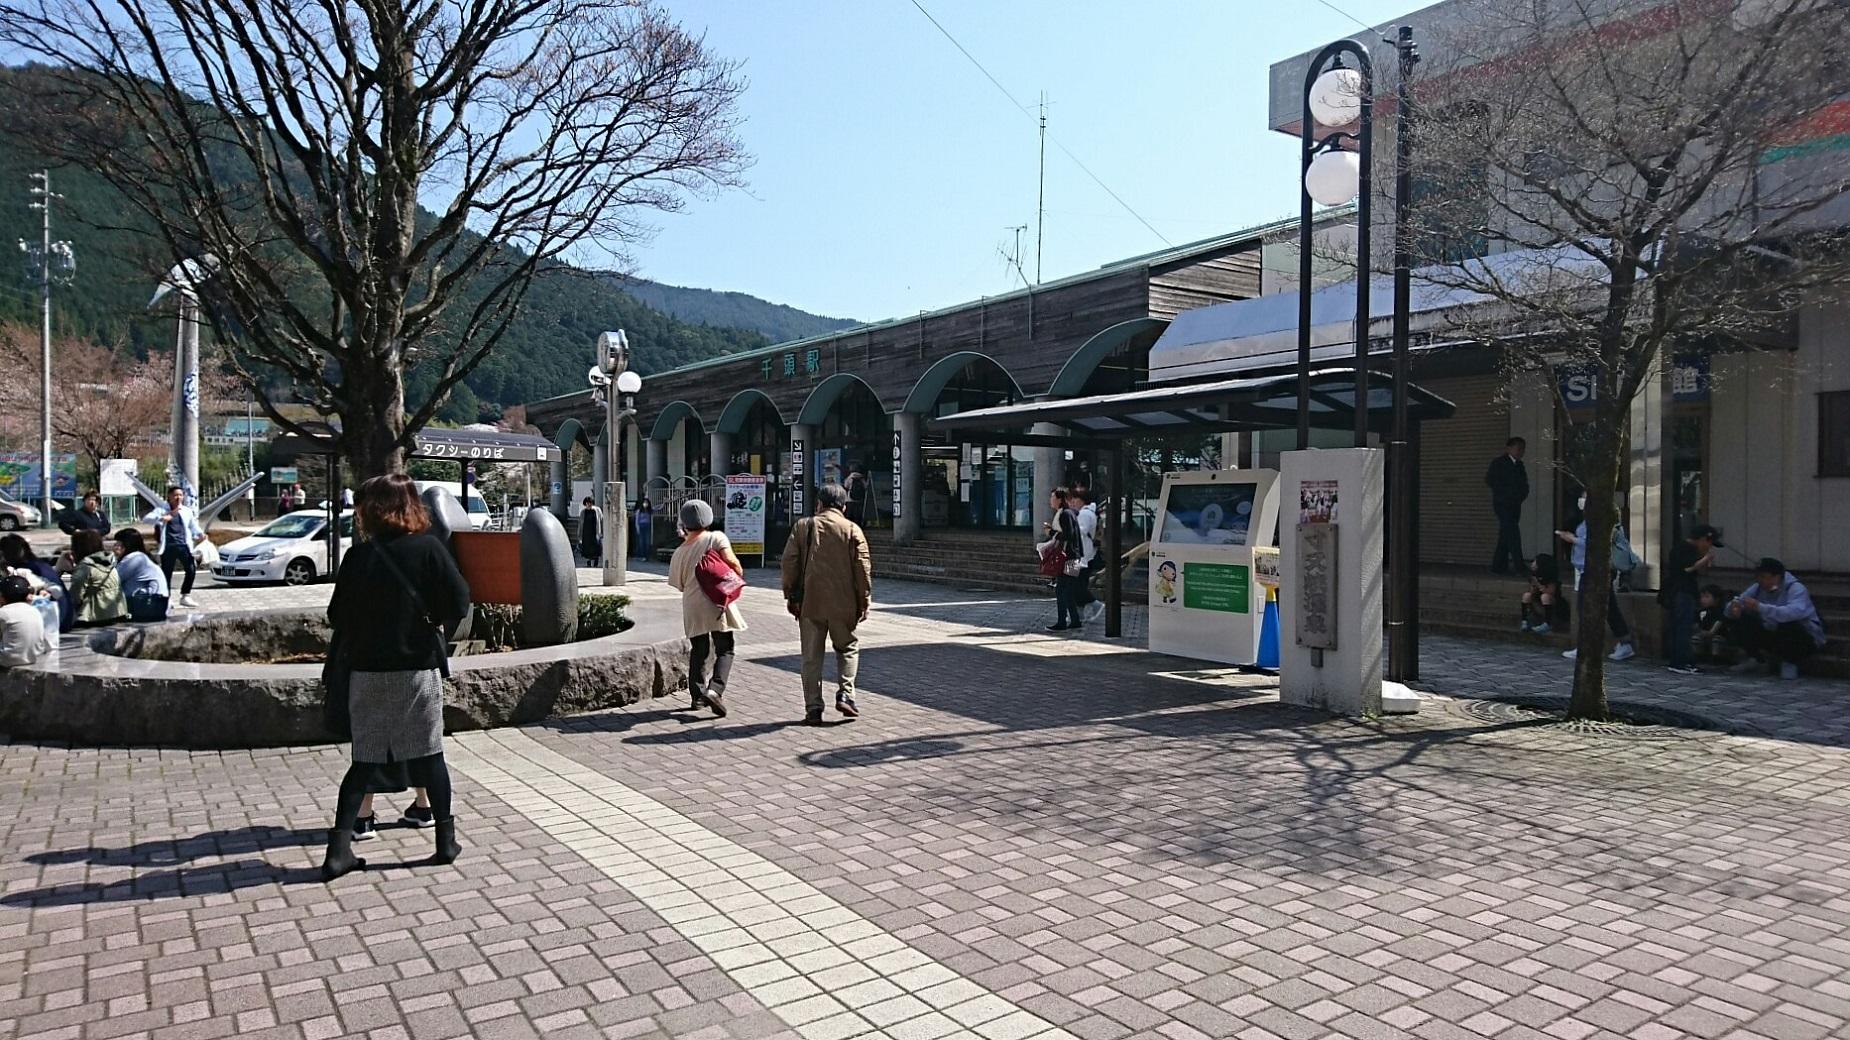 2018.3.28 かえり (22) 千頭 - 駅舎 1850-1040